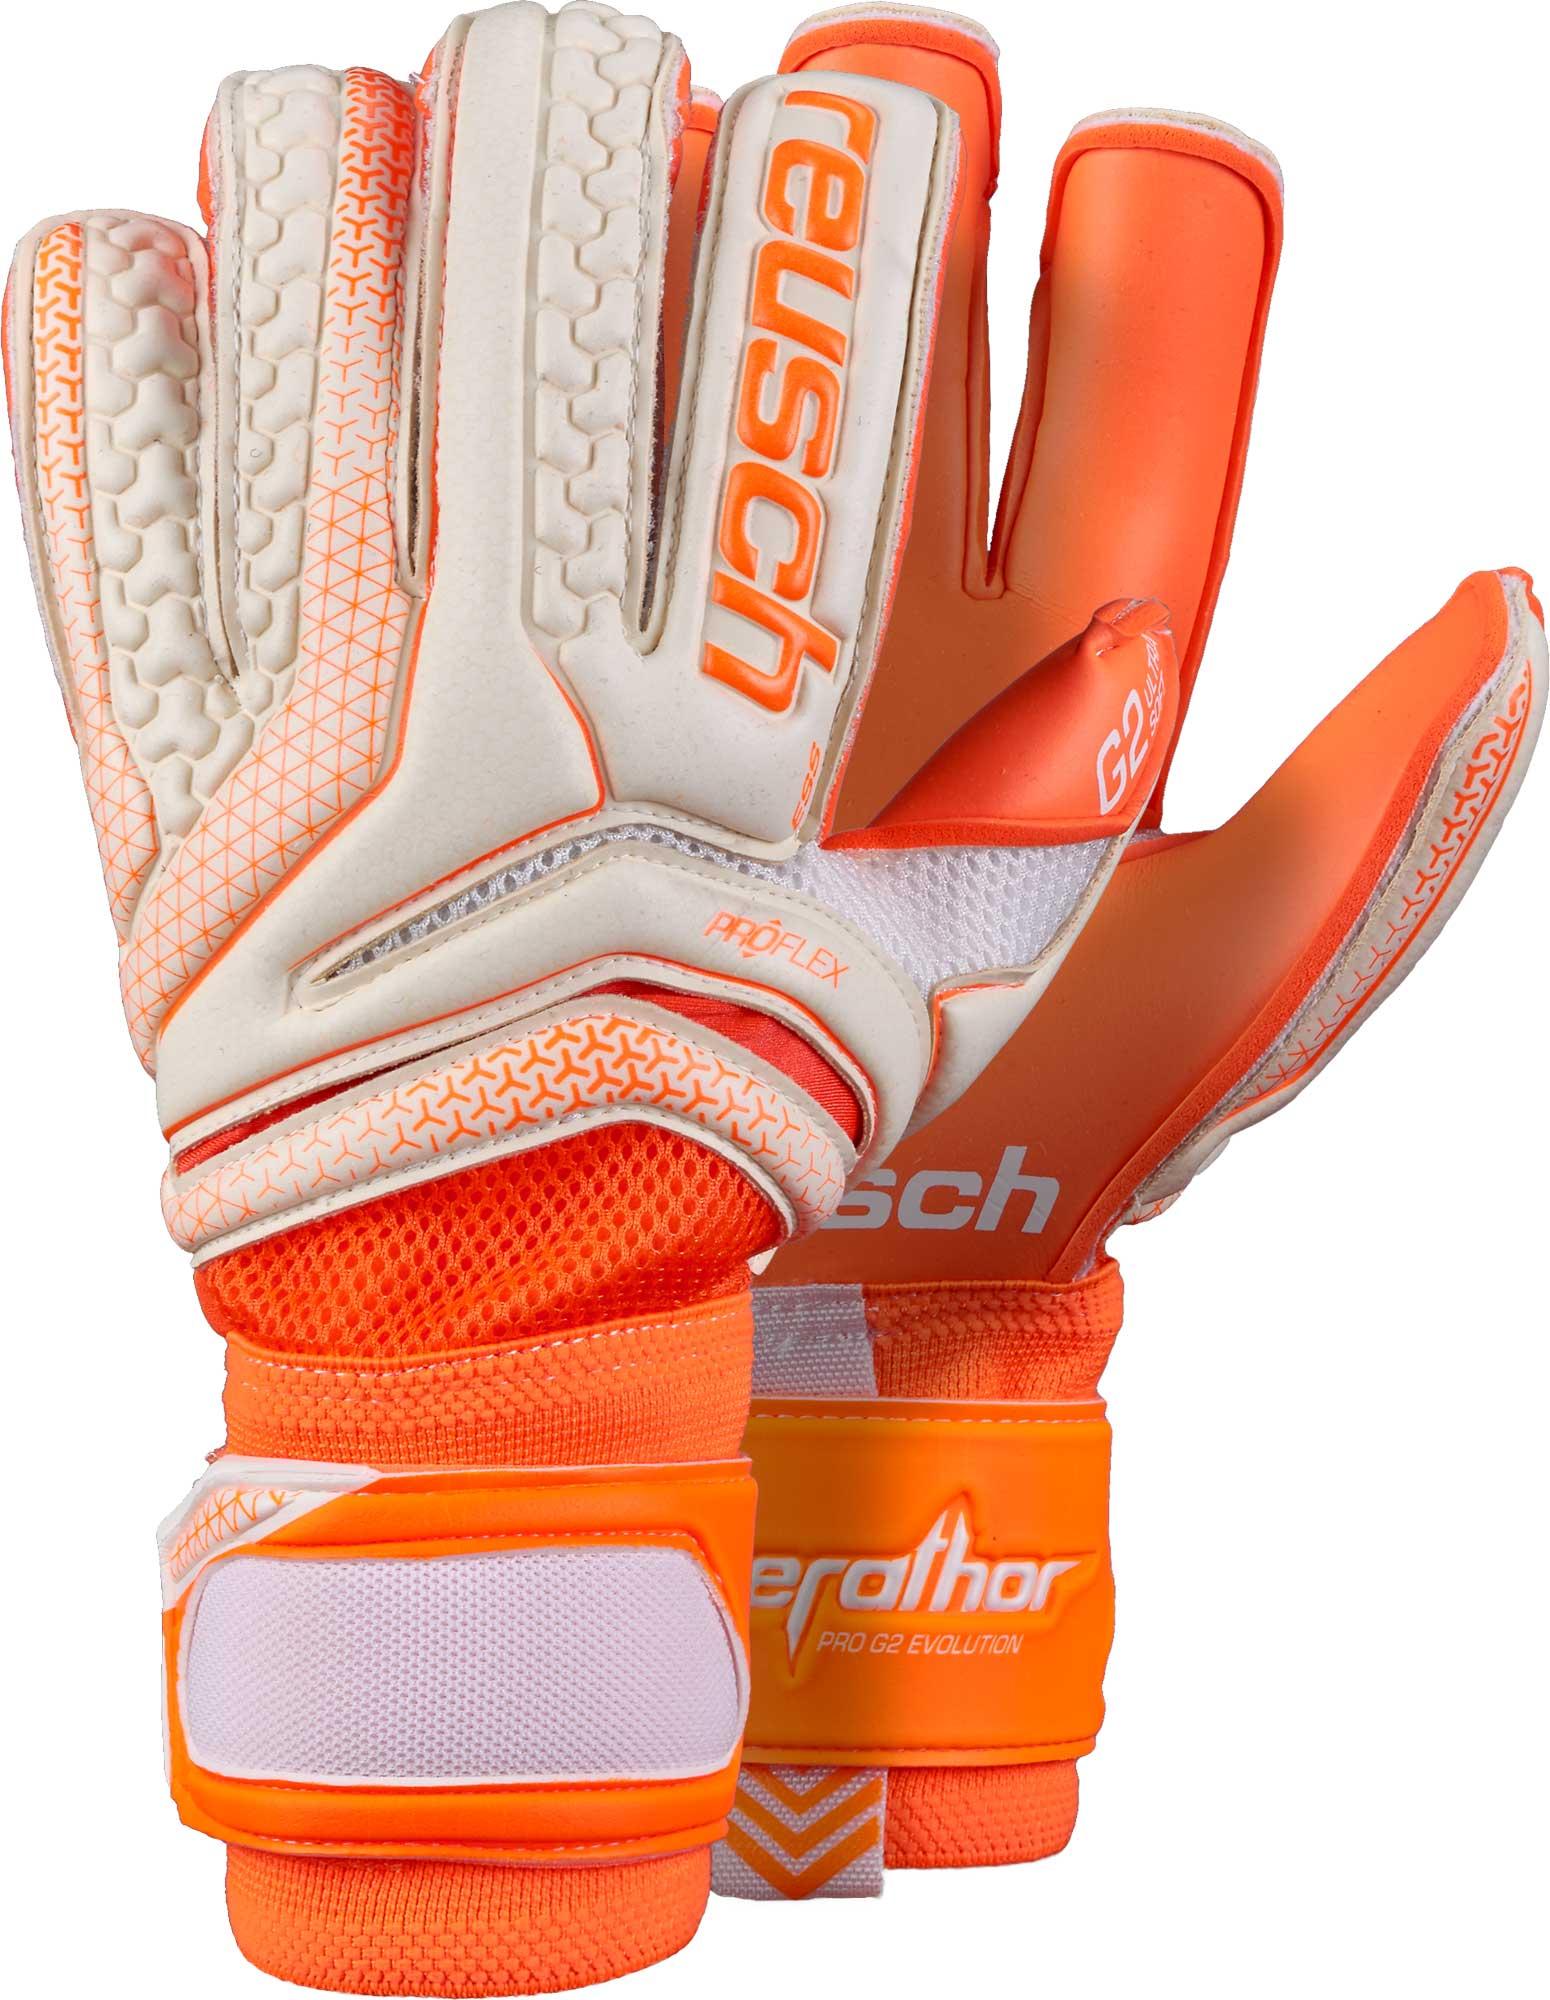 Reusch Serathor Pro G2 Evolution Cut Goalkeeper Gloves – White   Shocking  Orange 64f9bf25d9